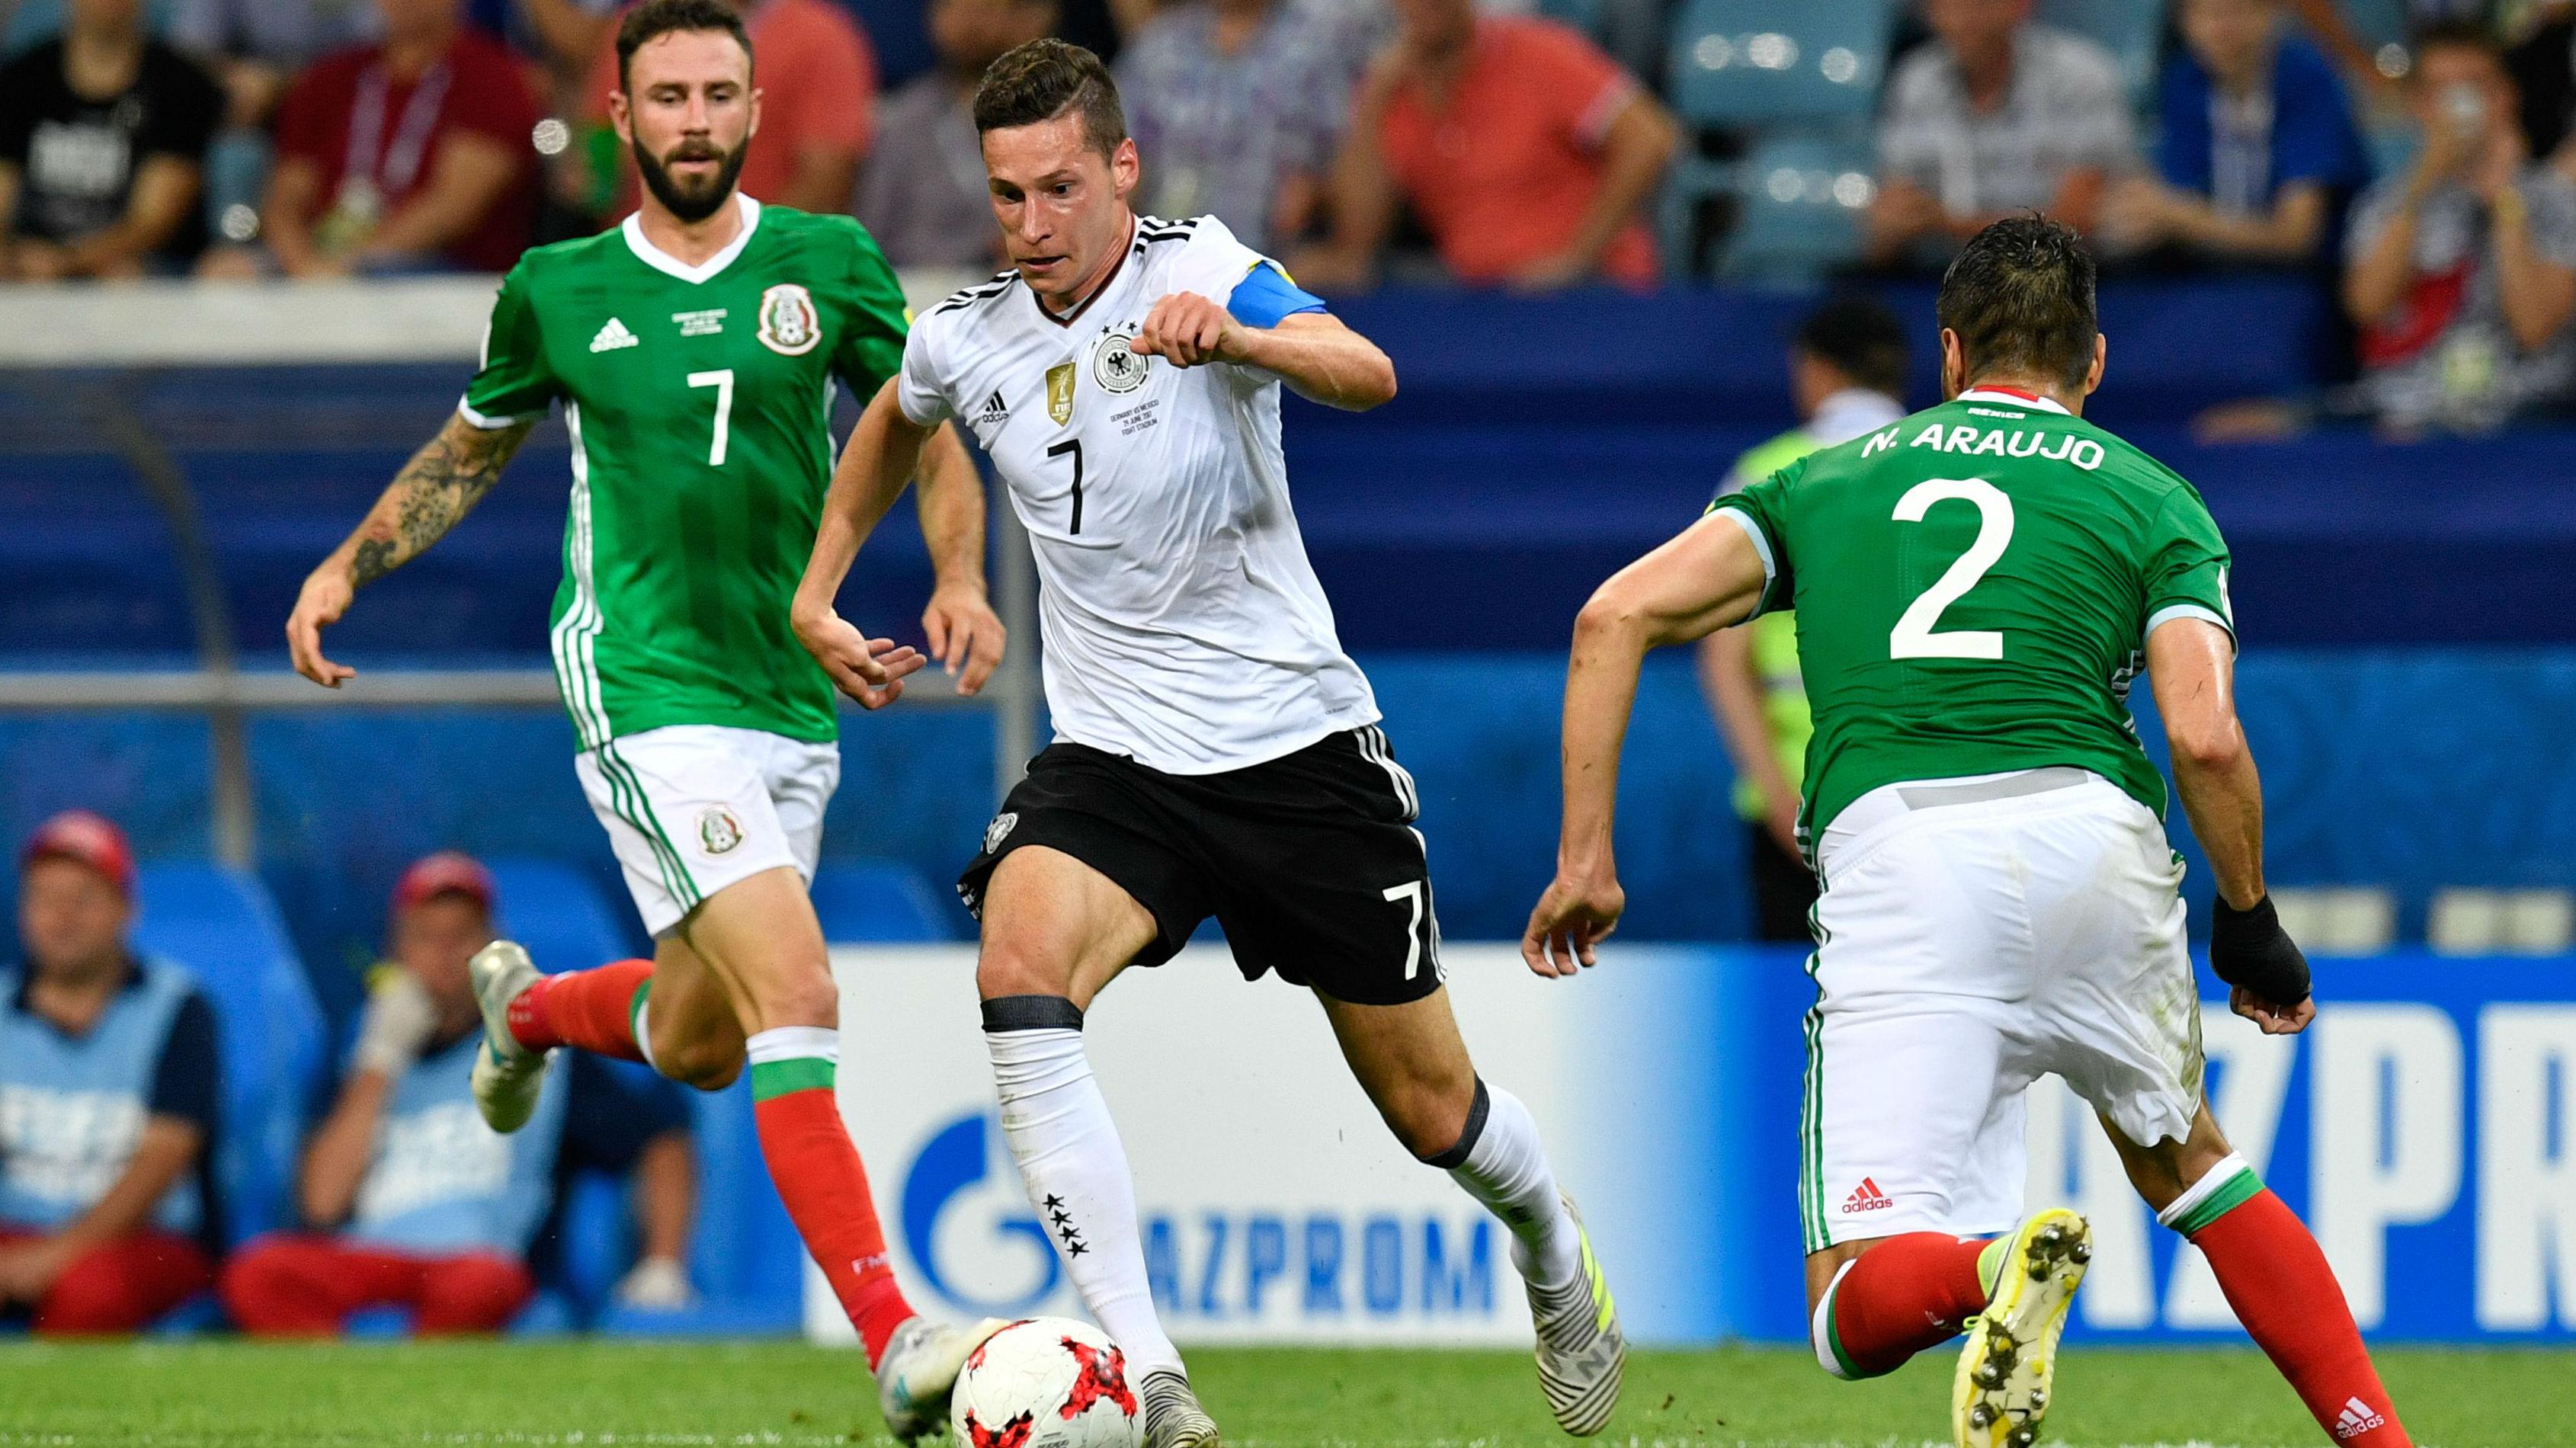 Fußball-WM 2018 - Die Freude des WM-Debütanten ist gedämpft